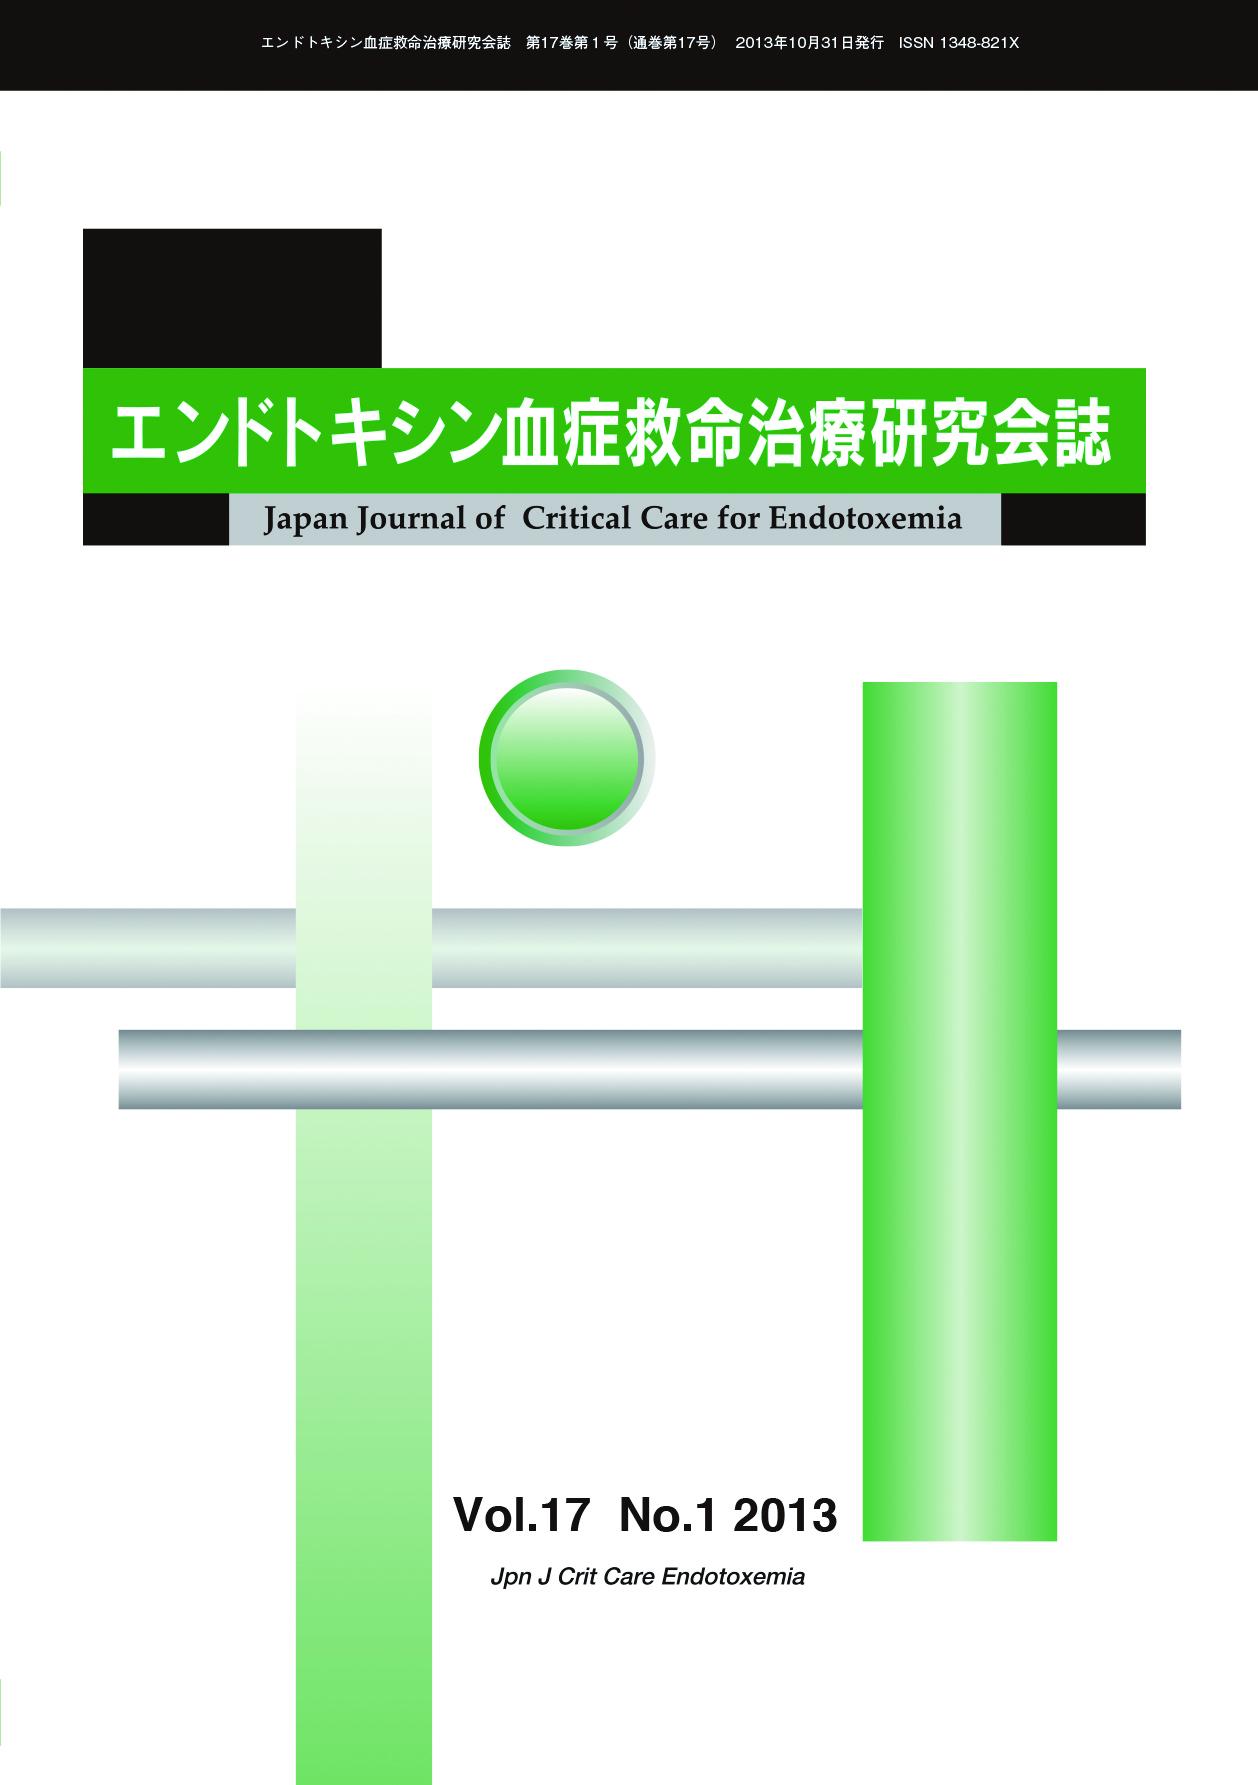 エンドトキシン血症救命治療研究会誌 Vol.17 No.1 2013